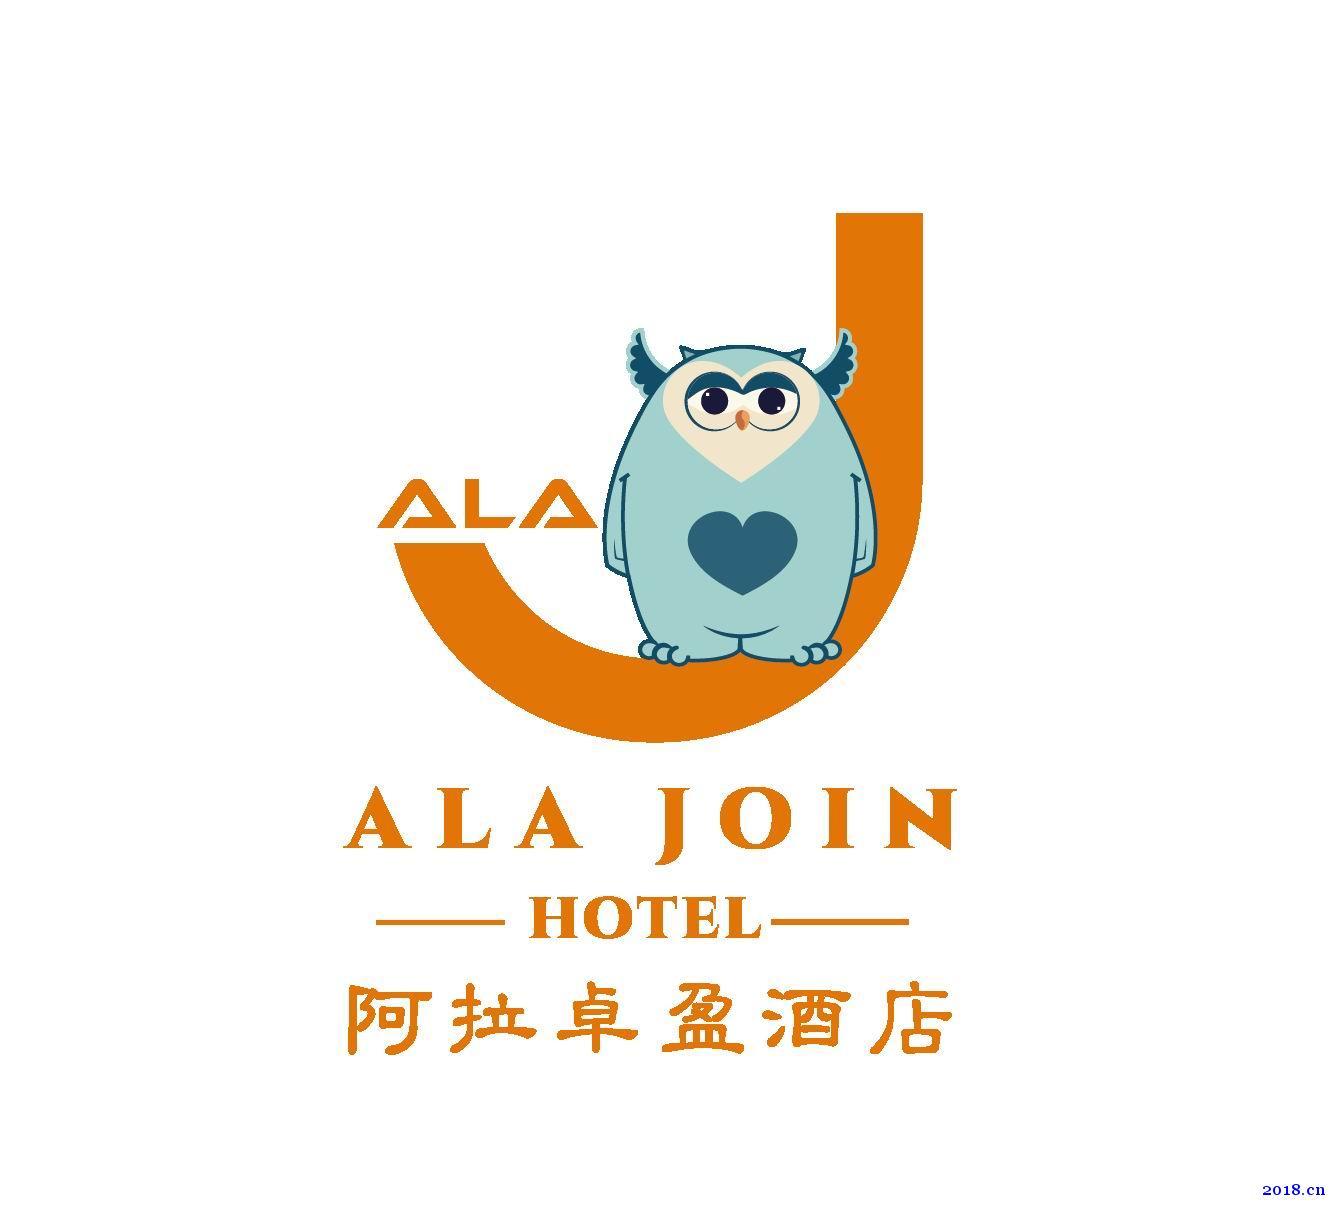 深圳阿拉卓盈酒店全贵港地区推广简介